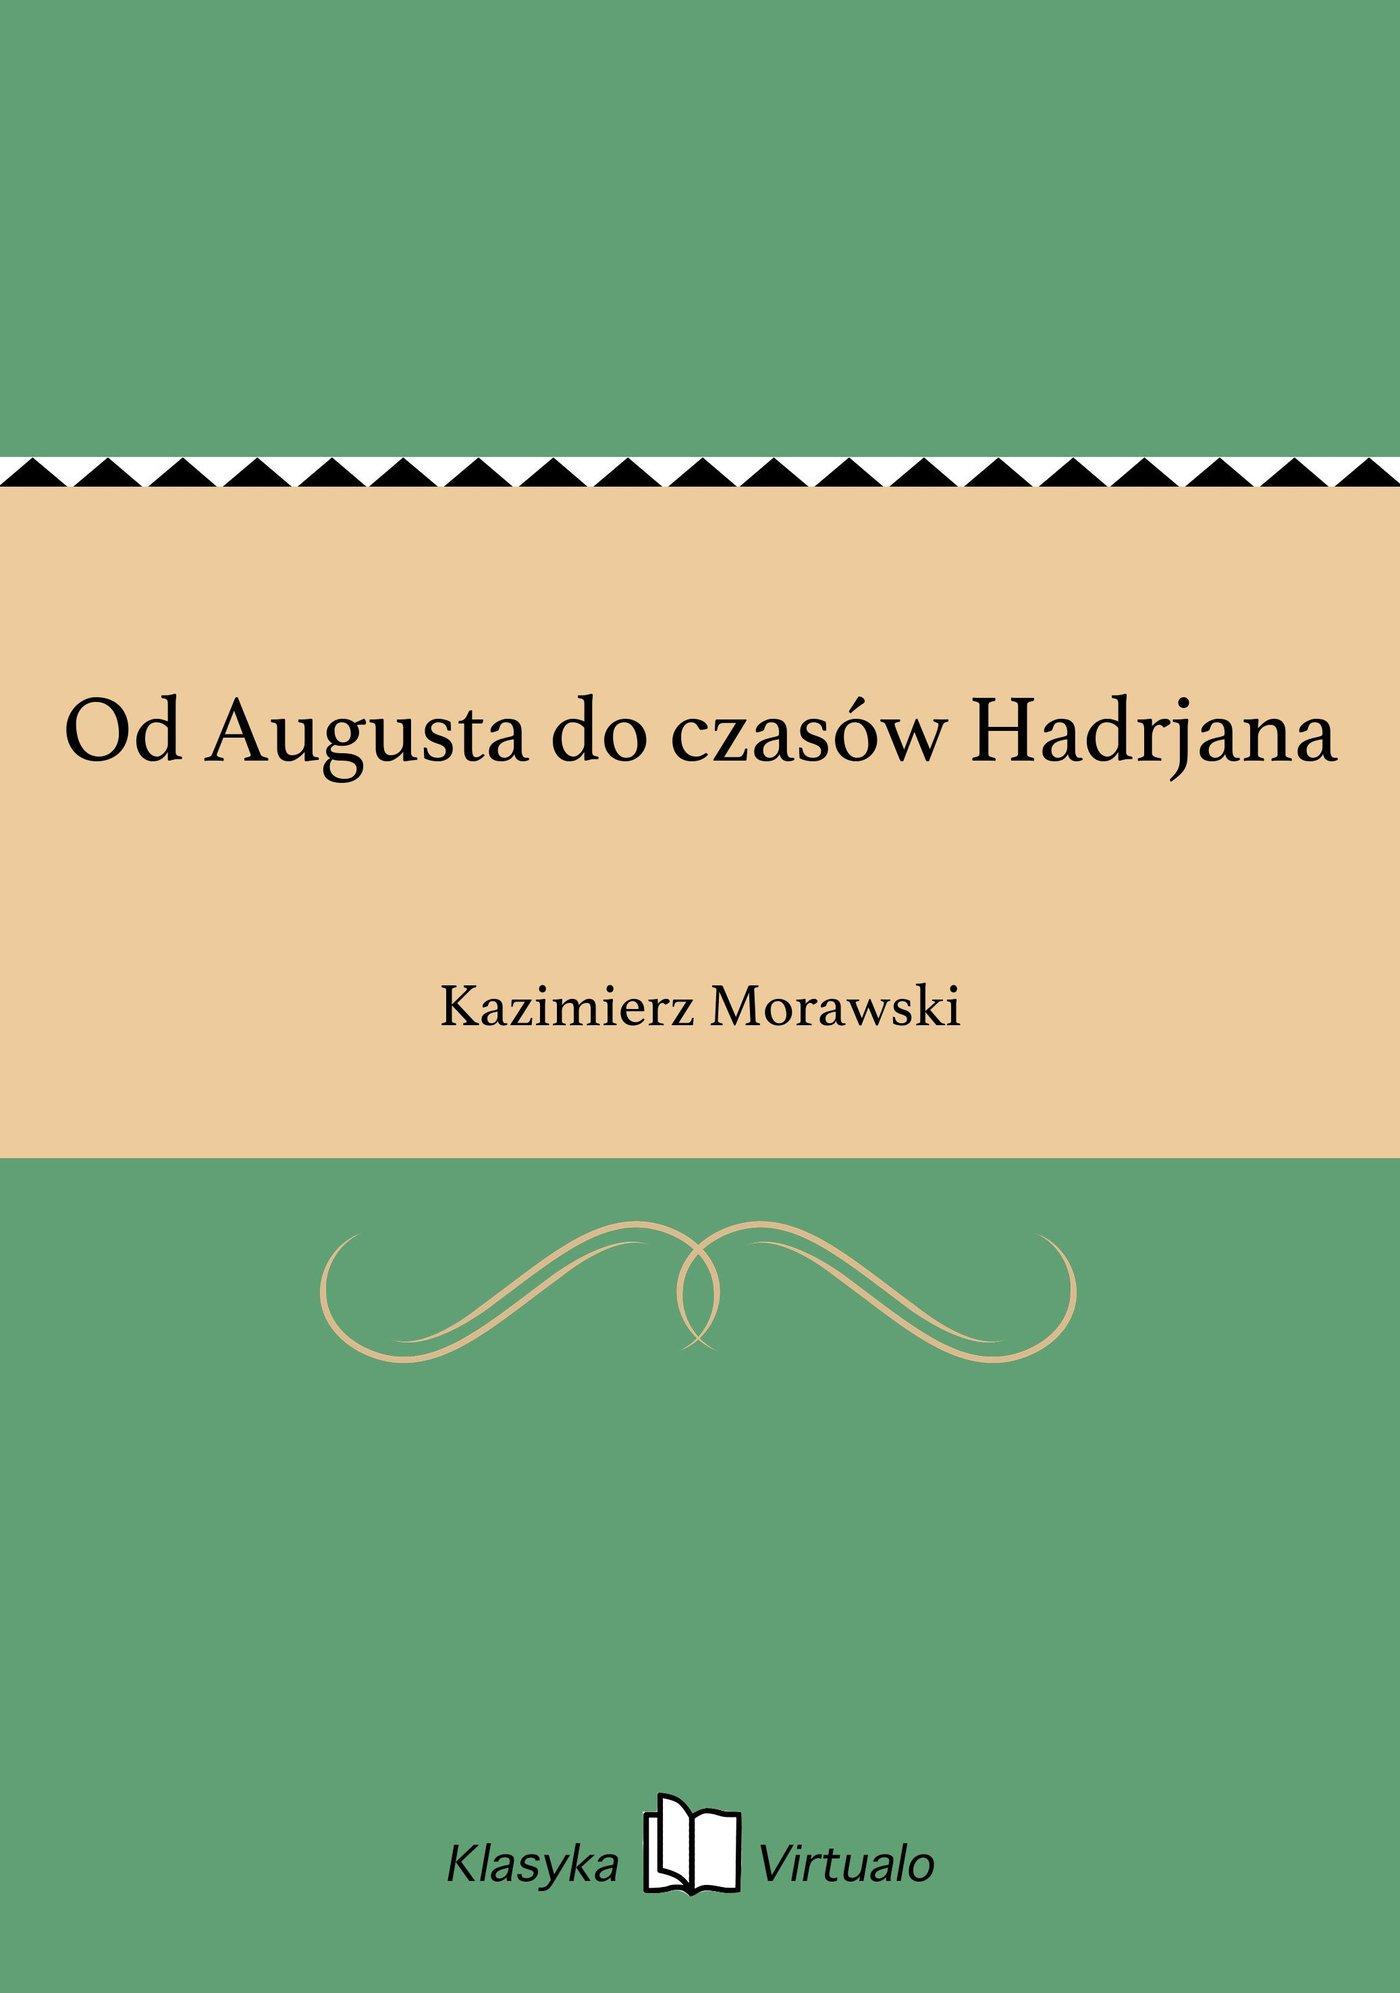 Od Augusta do czasów Hadrjana - Ebook (Książka na Kindle) do pobrania w formacie MOBI